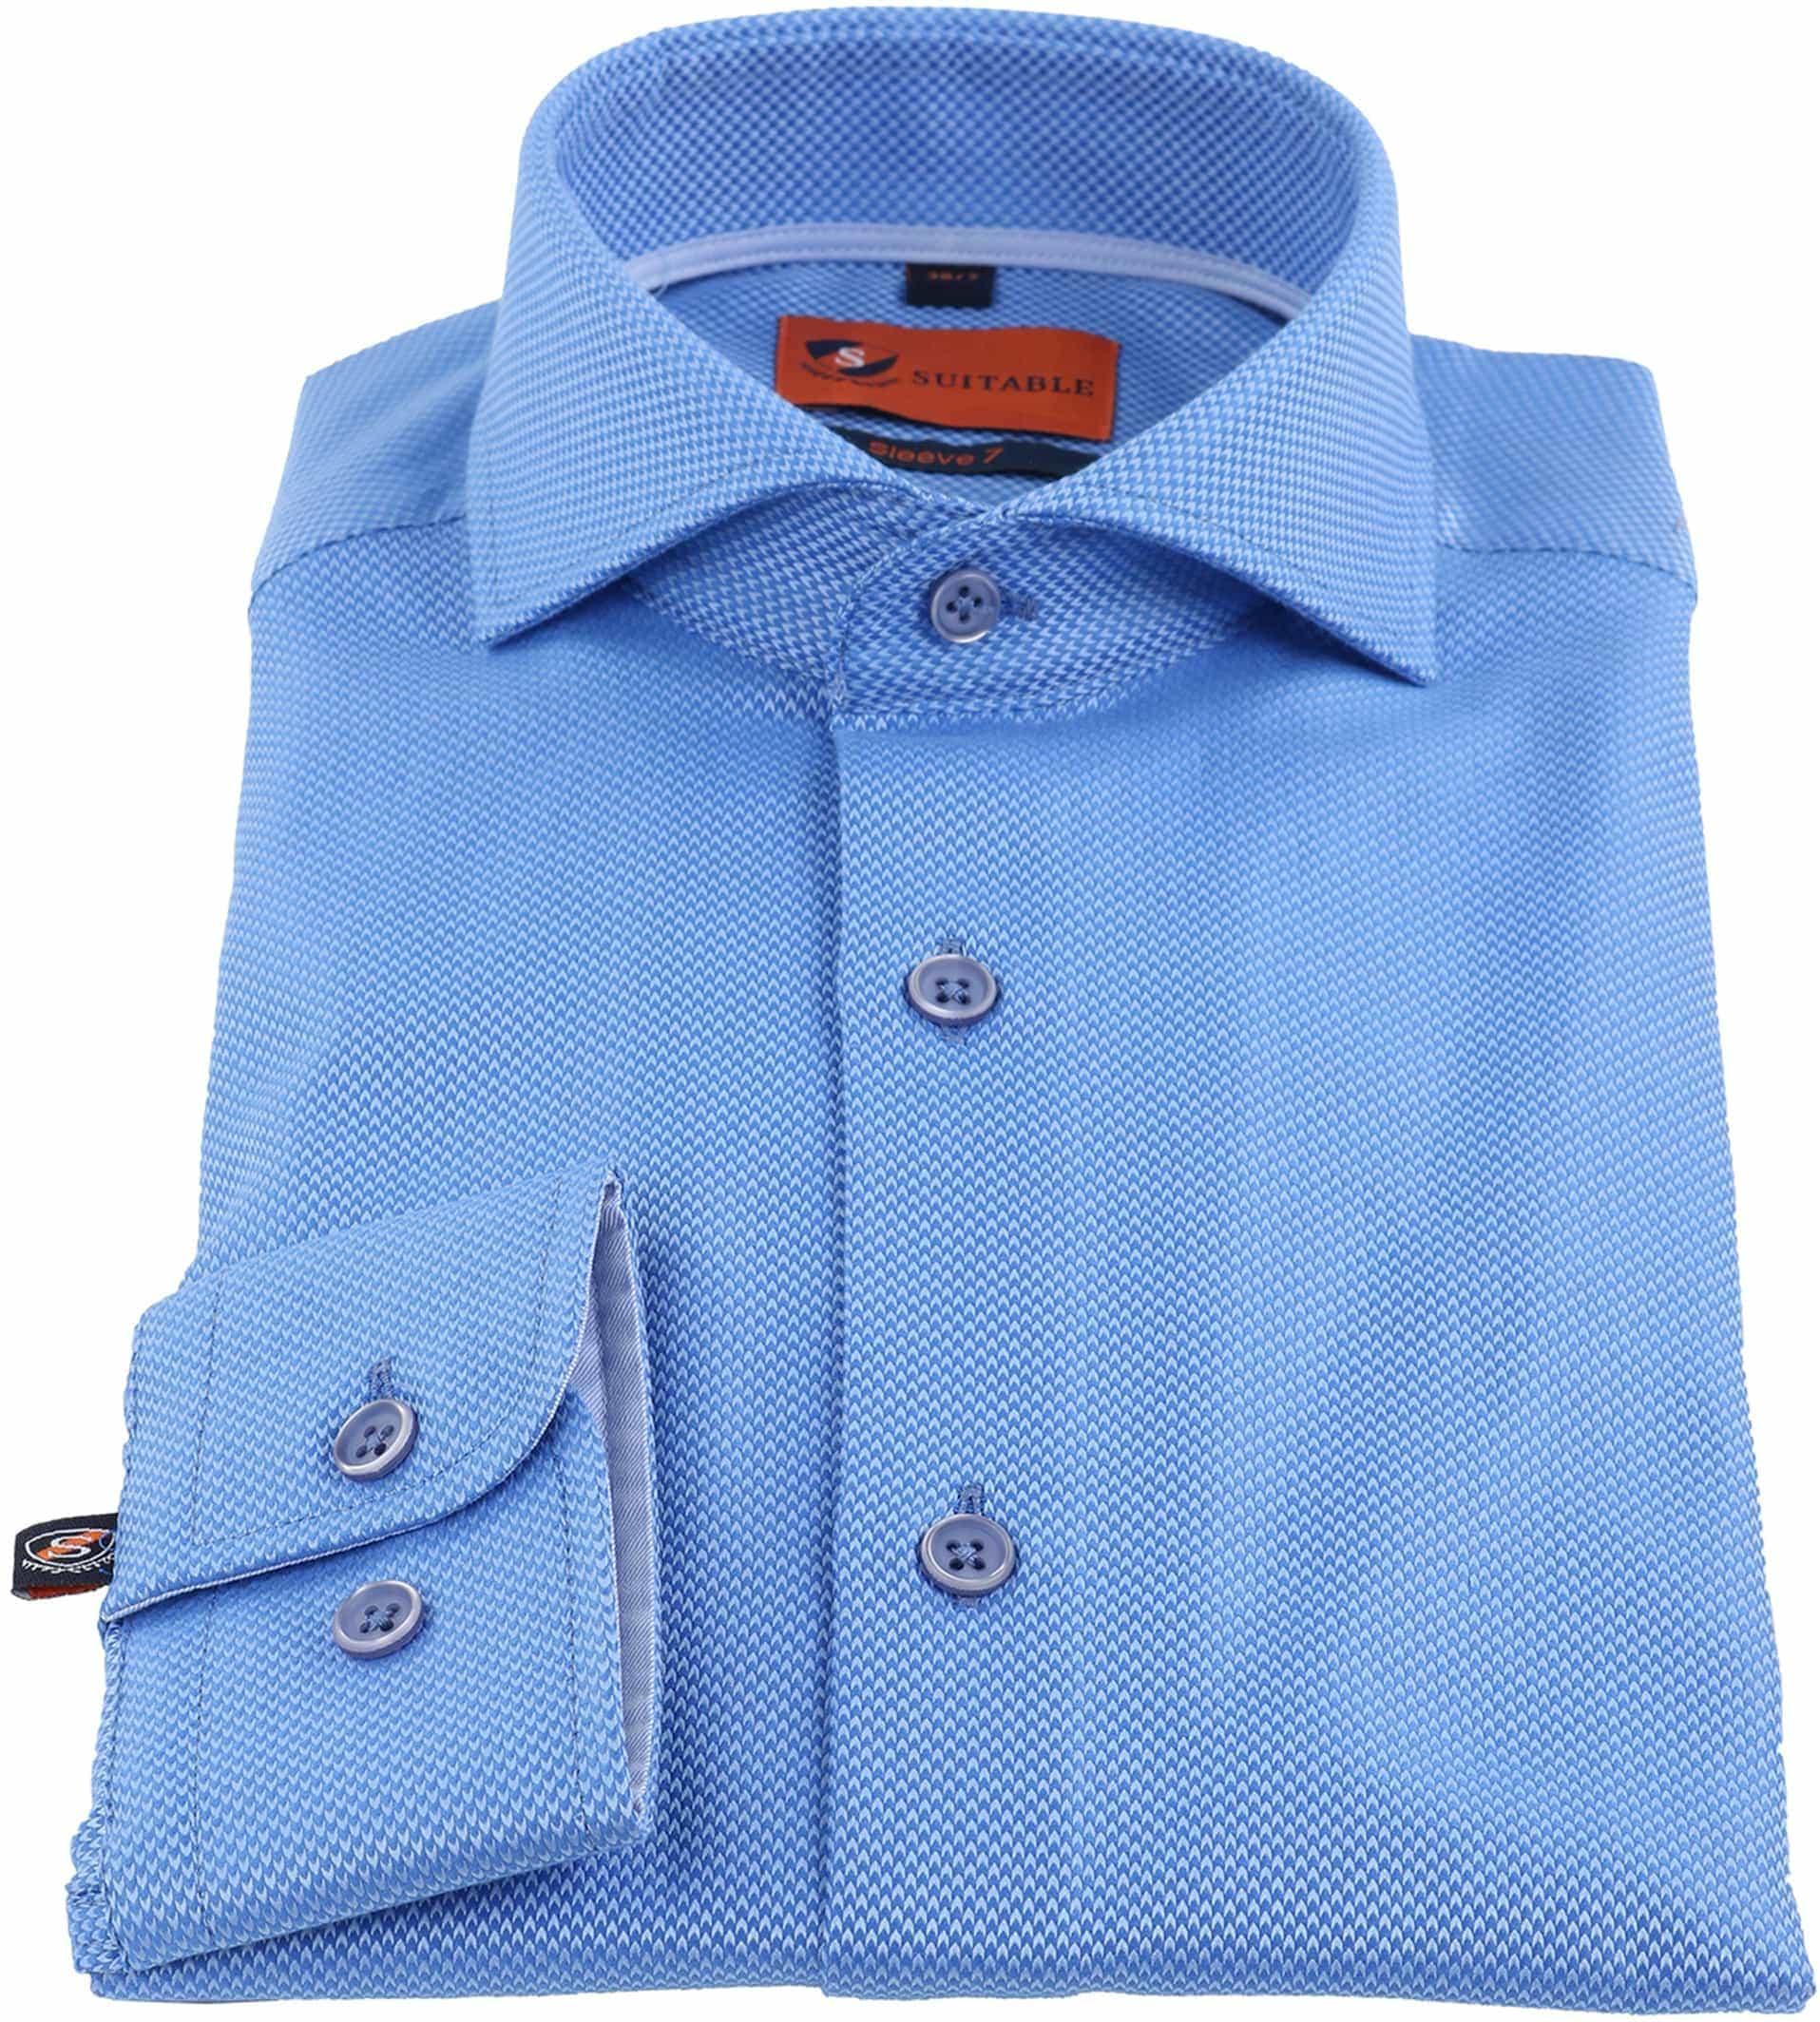 Suitable Shirt S7 167-5 foto 1